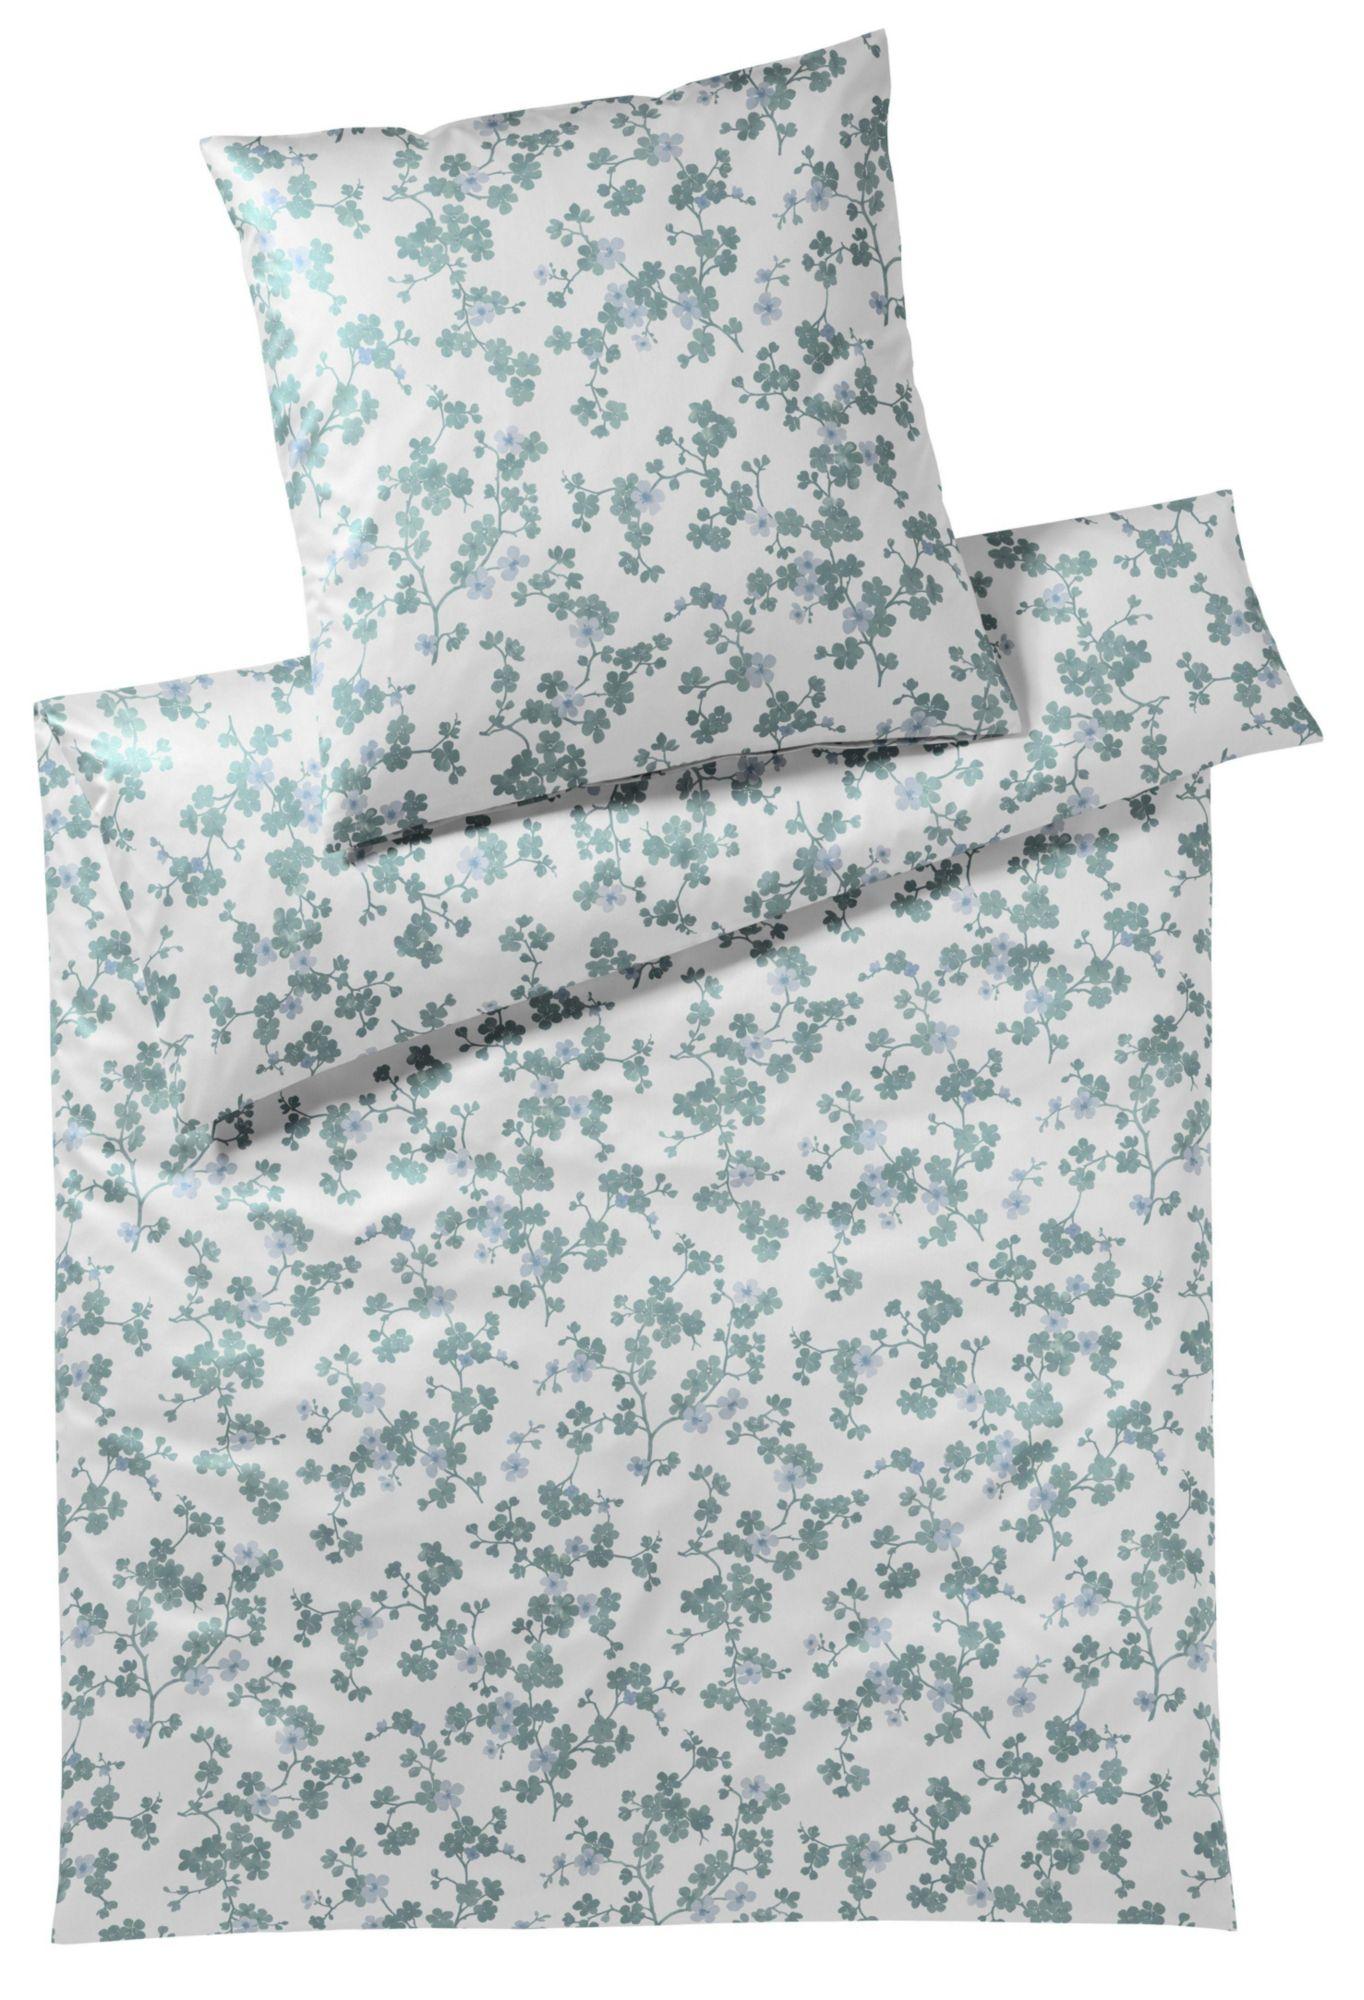 ELEGANTE Bettwäsche, elegante, »Lush«, mit Kirschblütenzweigen